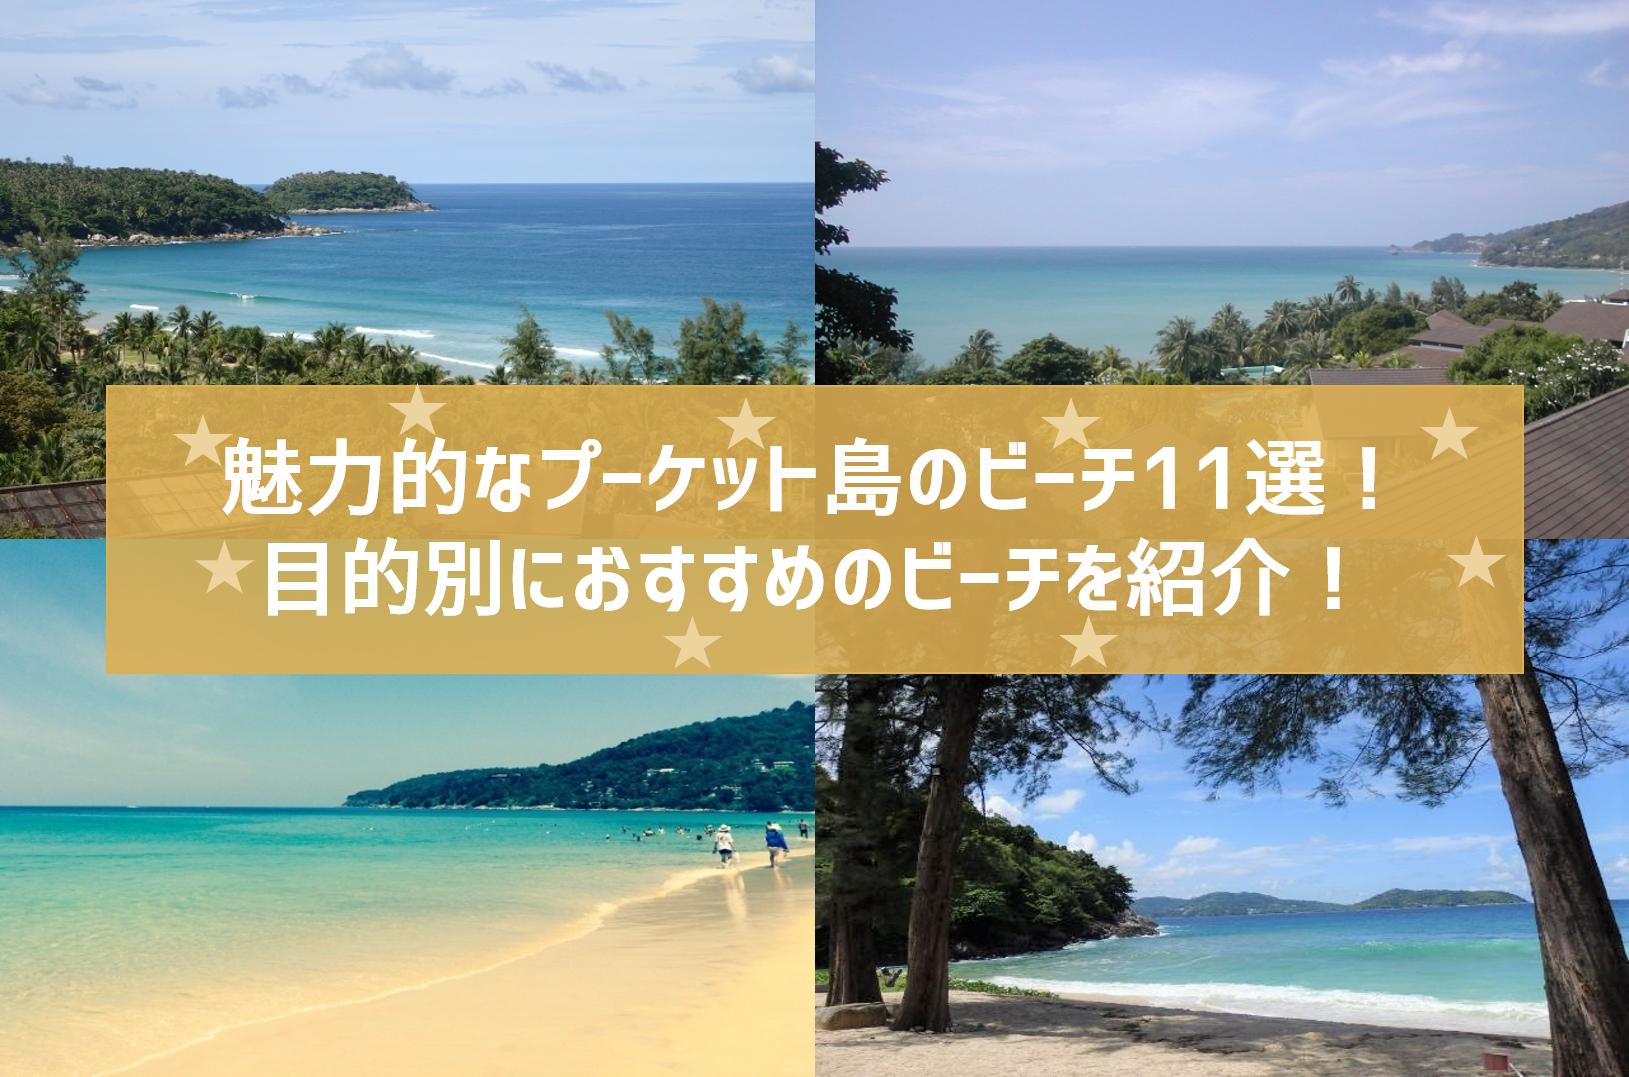 魅力的なプーケット島のビーチ11選!目的別におすすめのビーチを紹介!